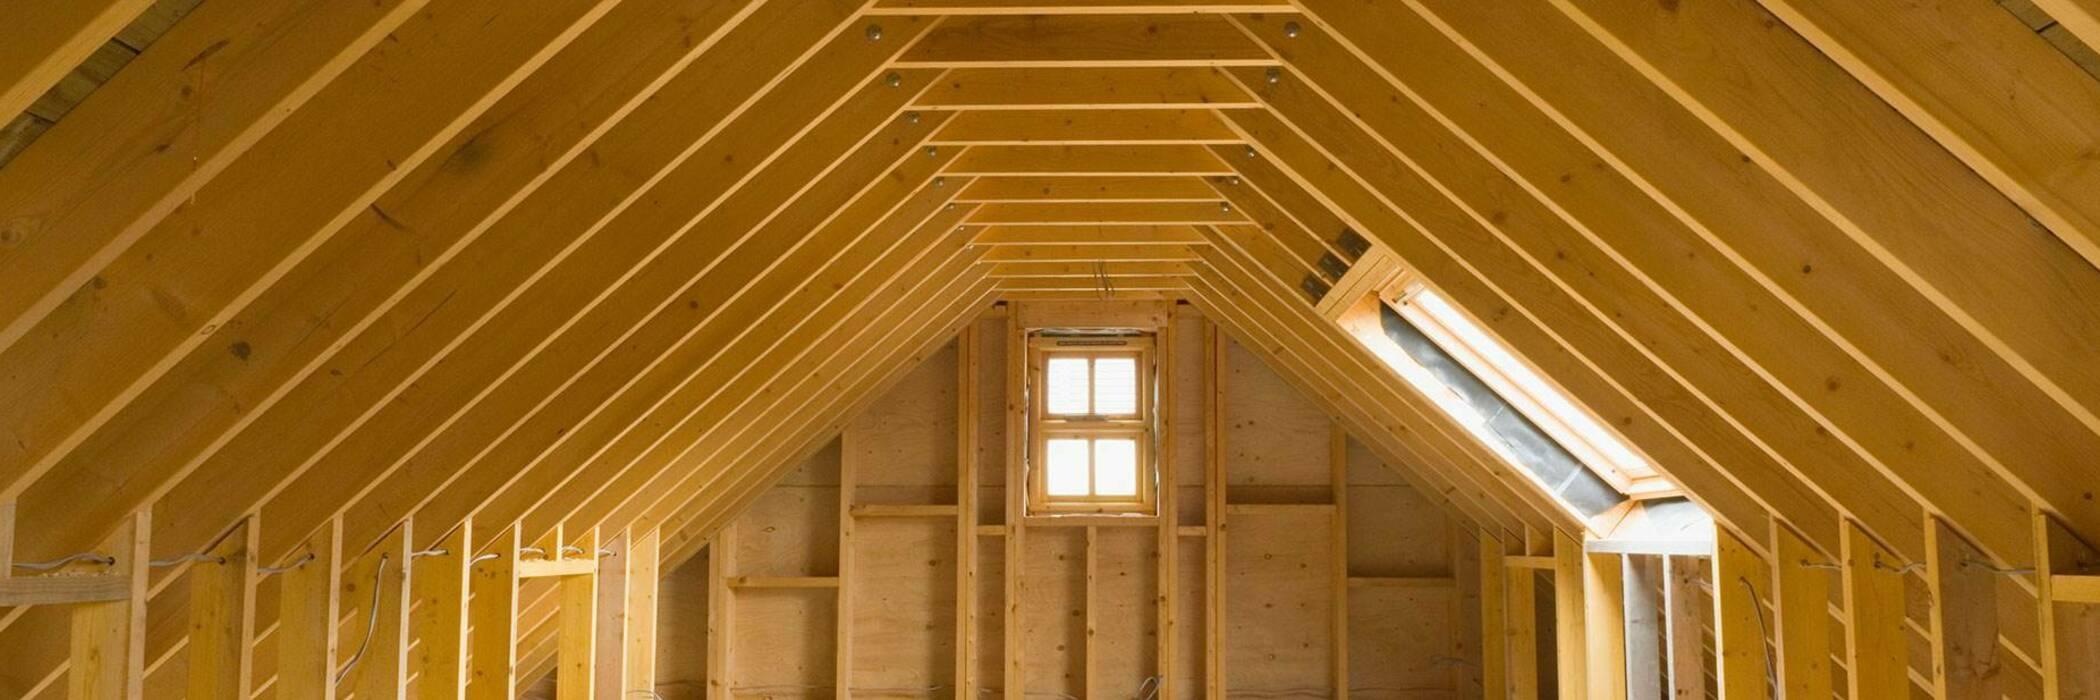 Home maintenance interior maintenance roof space hero